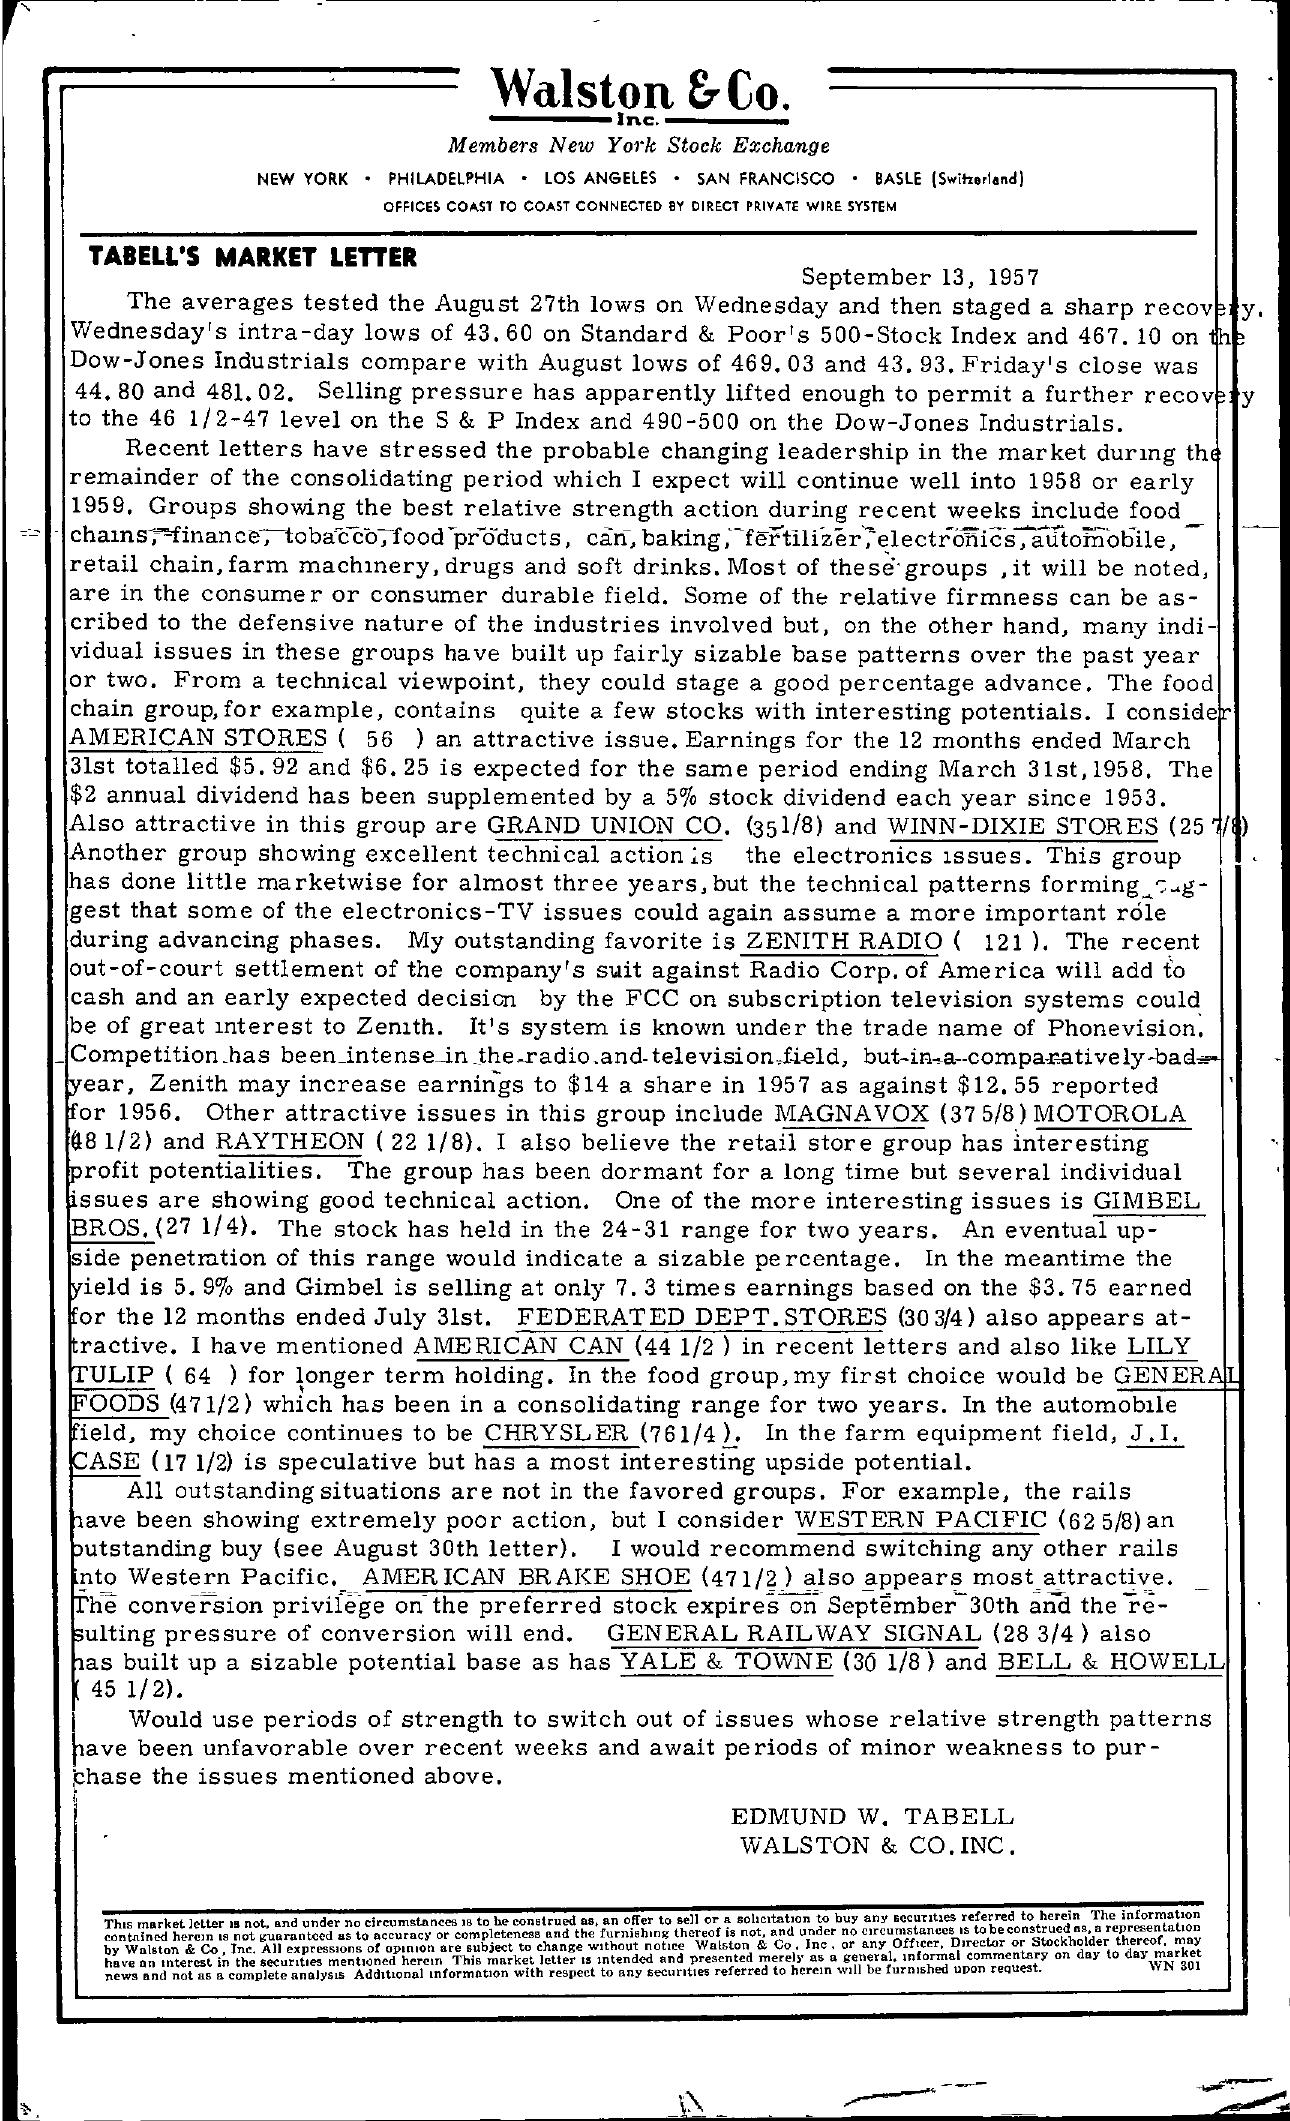 Tabell's Market Letter - September 13, 1957